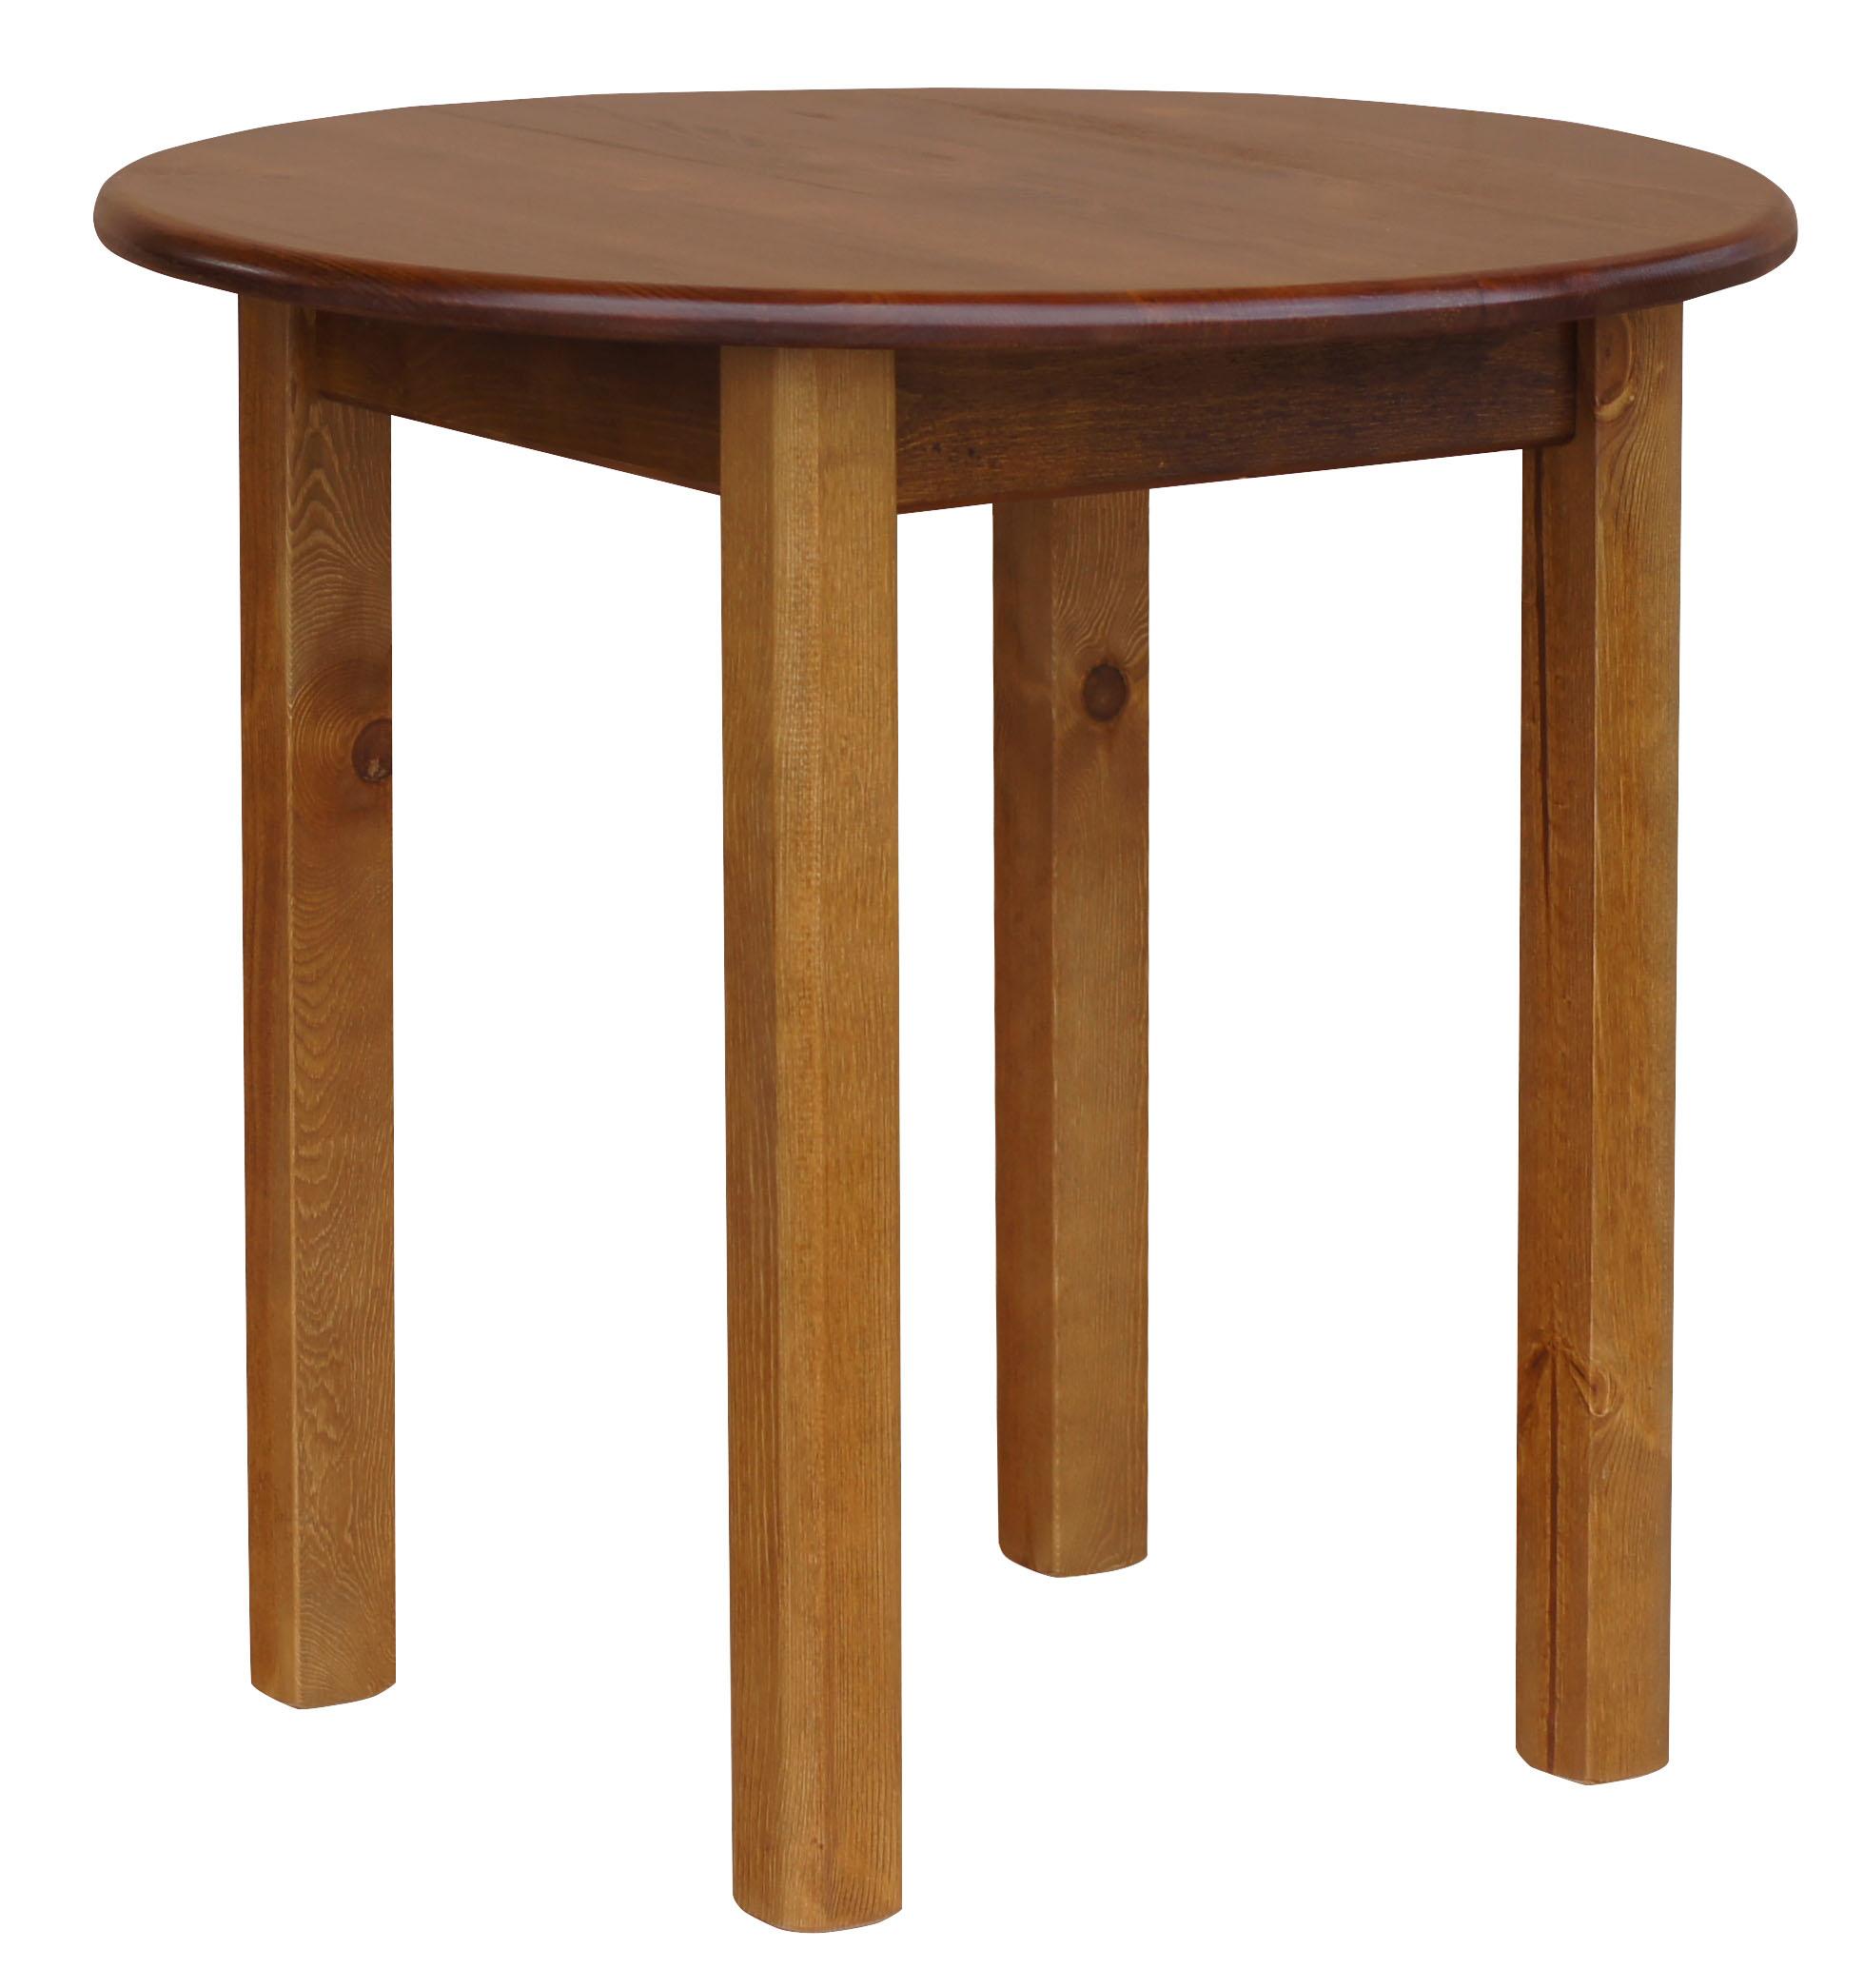 Runder kiefer tisch esstisch k chentisch speisetisch for Runder tisch wohnzimmer